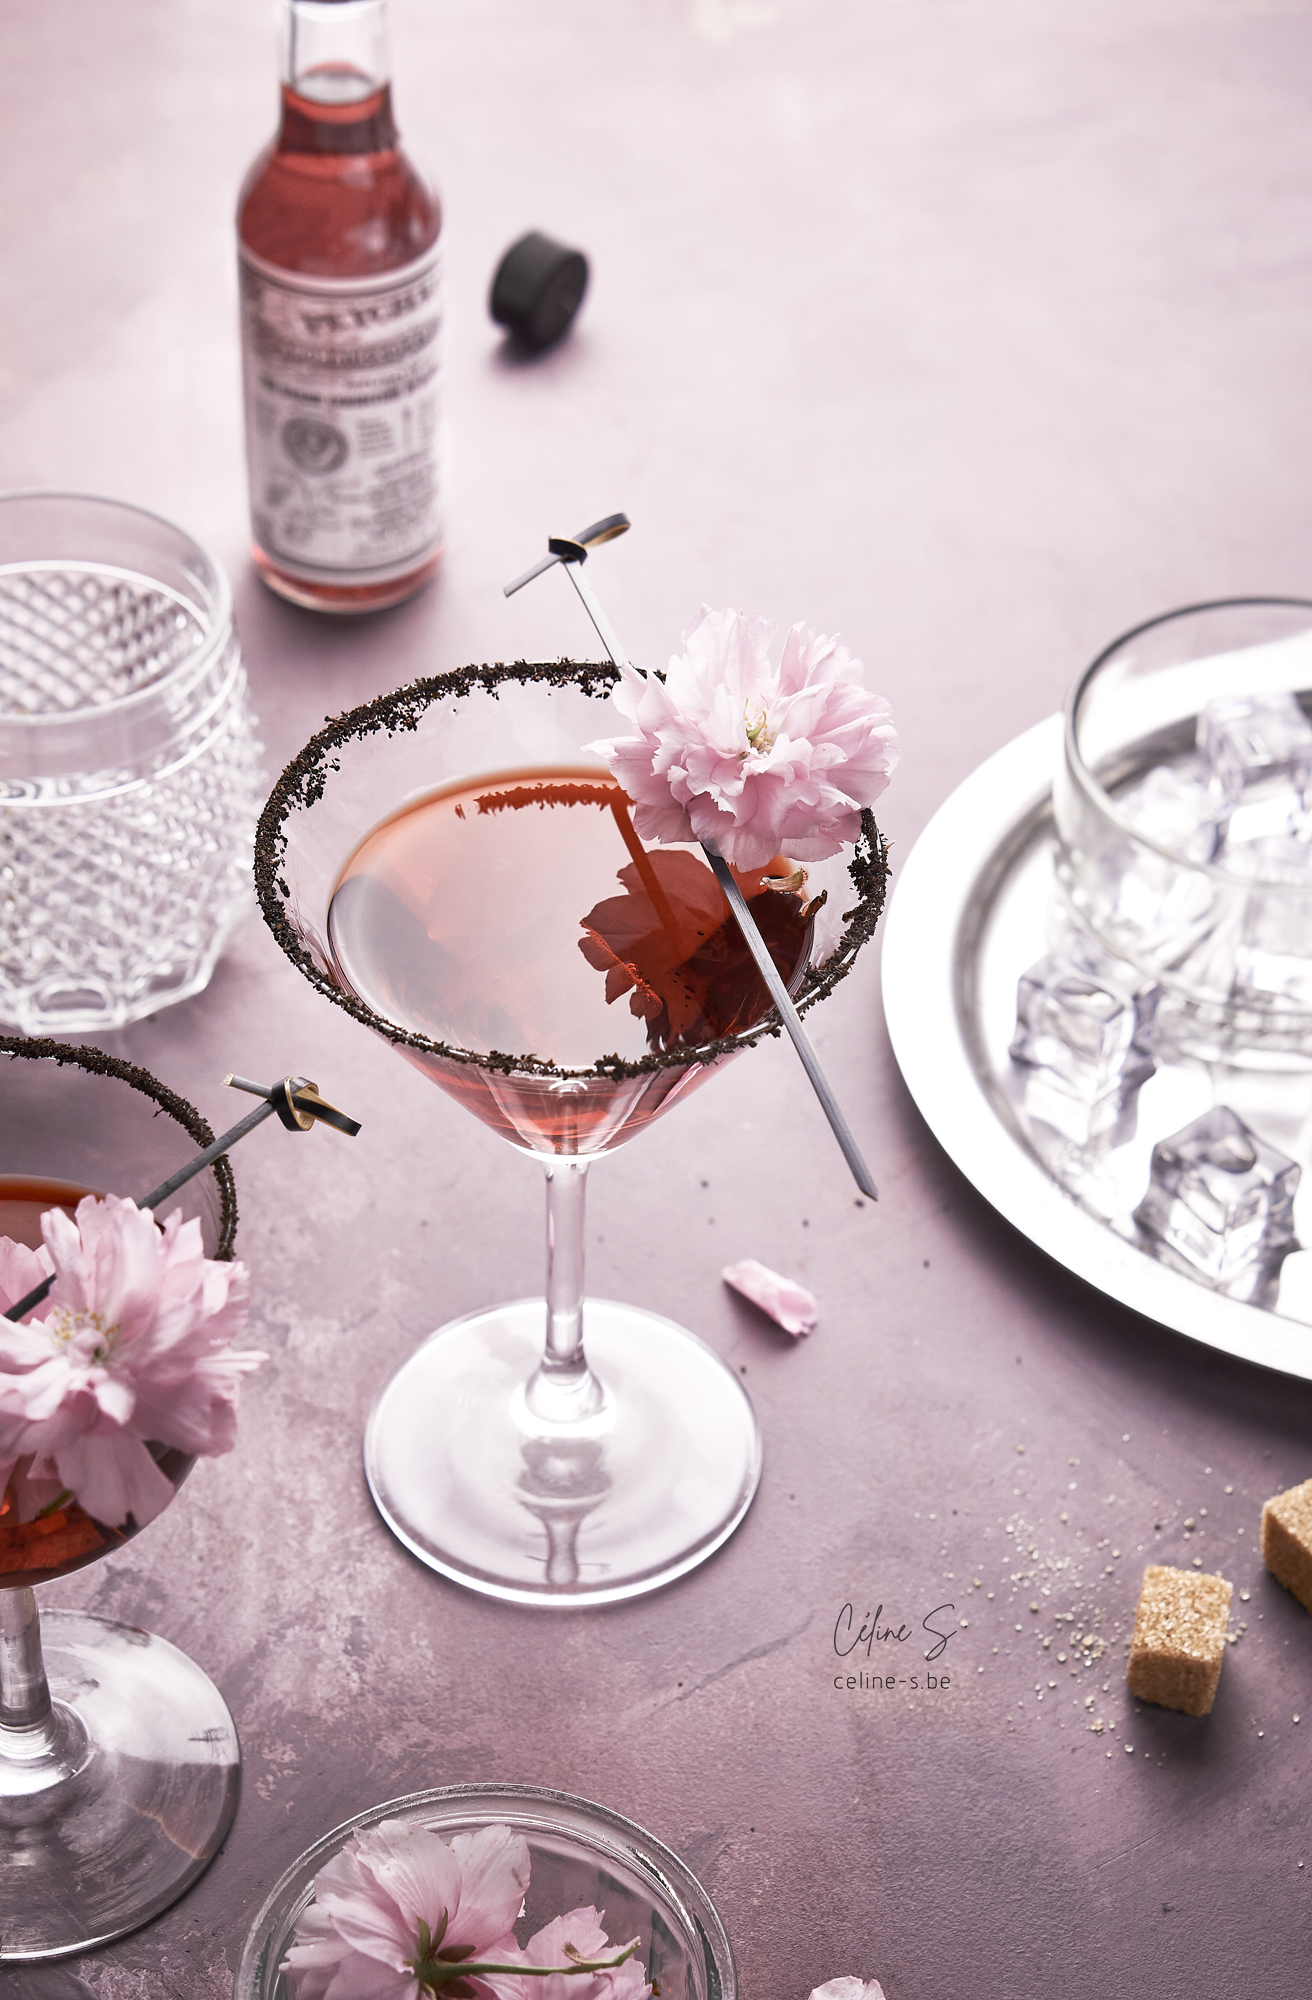 Céline Stiévenard - food photography - photographe et styliste culinaire - photo et recette de cocktail maison angostura triple sec et prosecco - Liège, Belgique